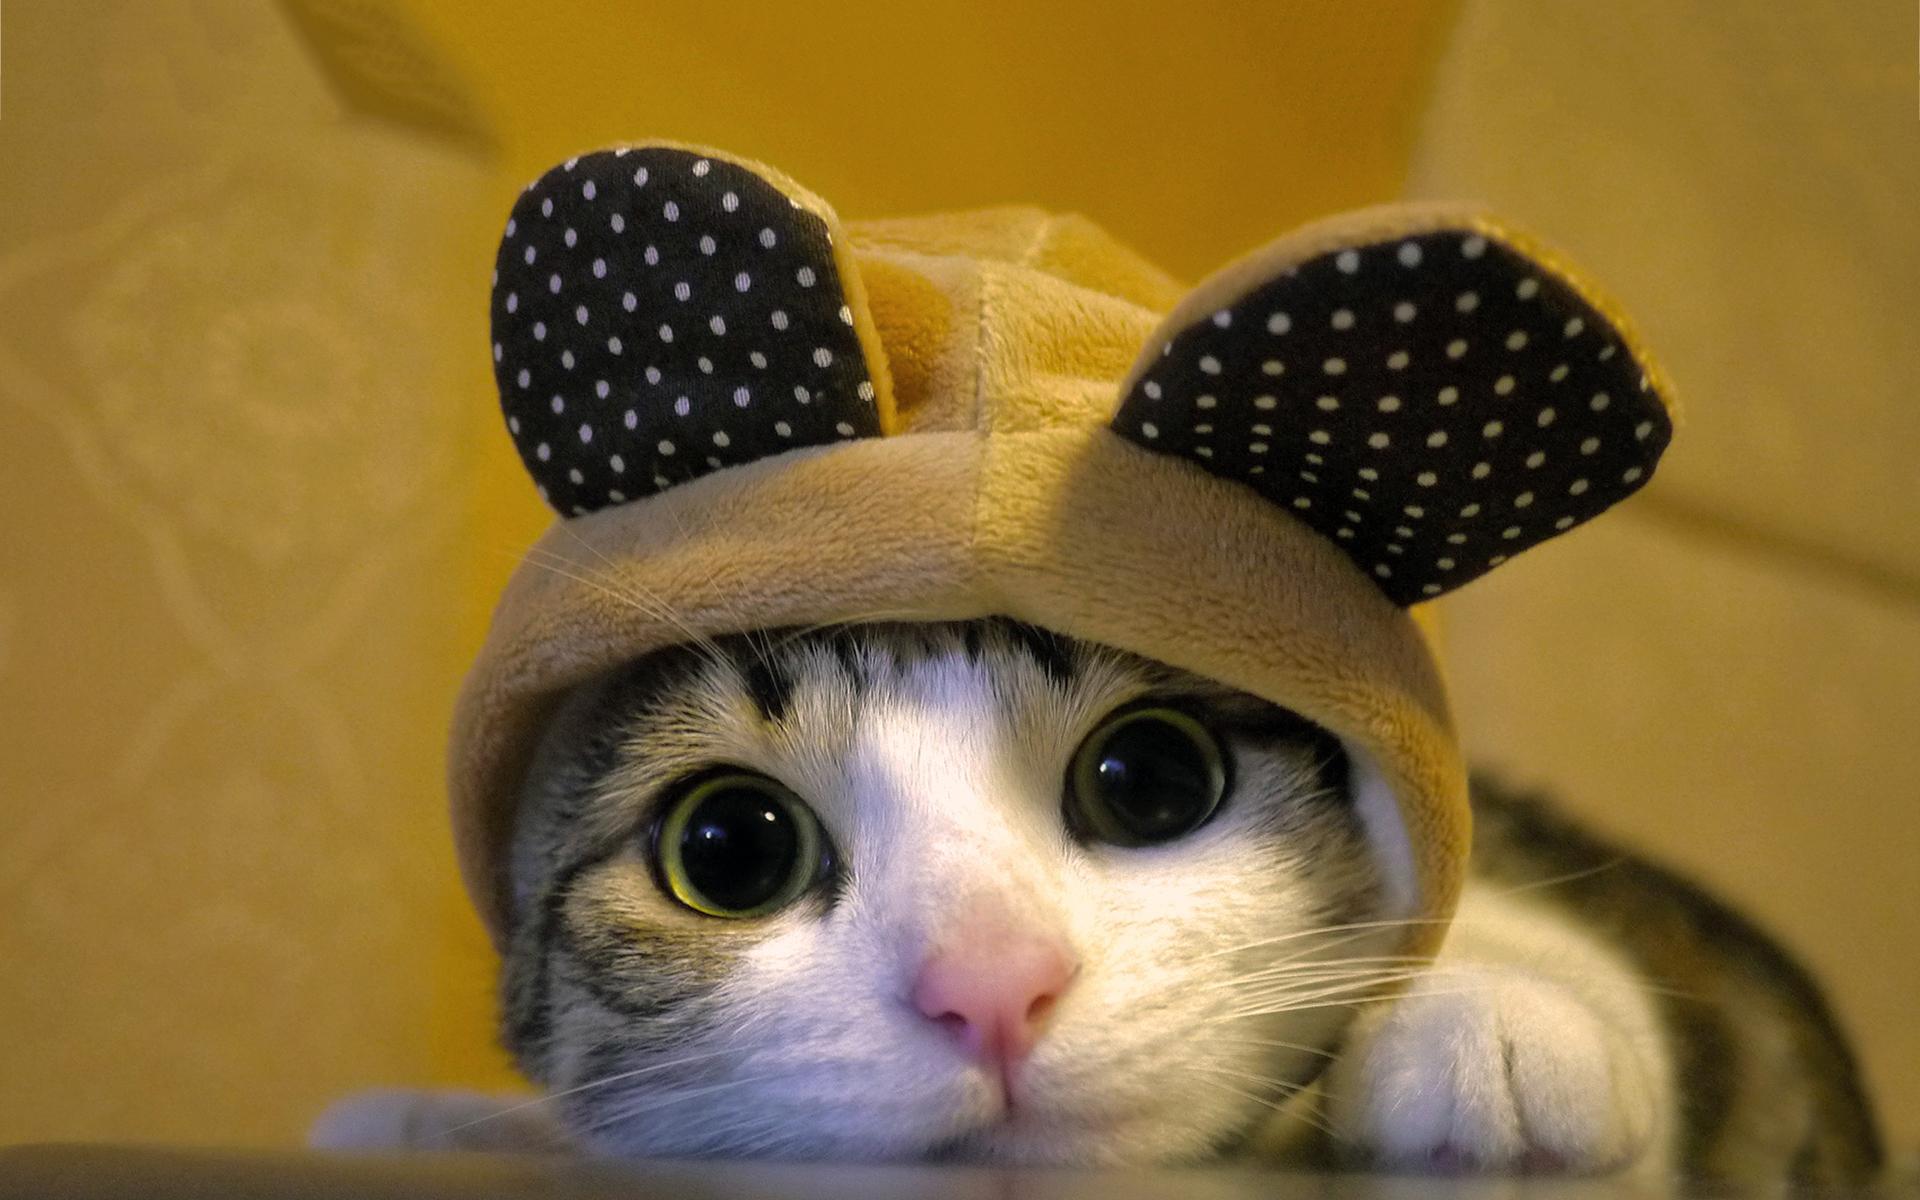 Cute dressed cat